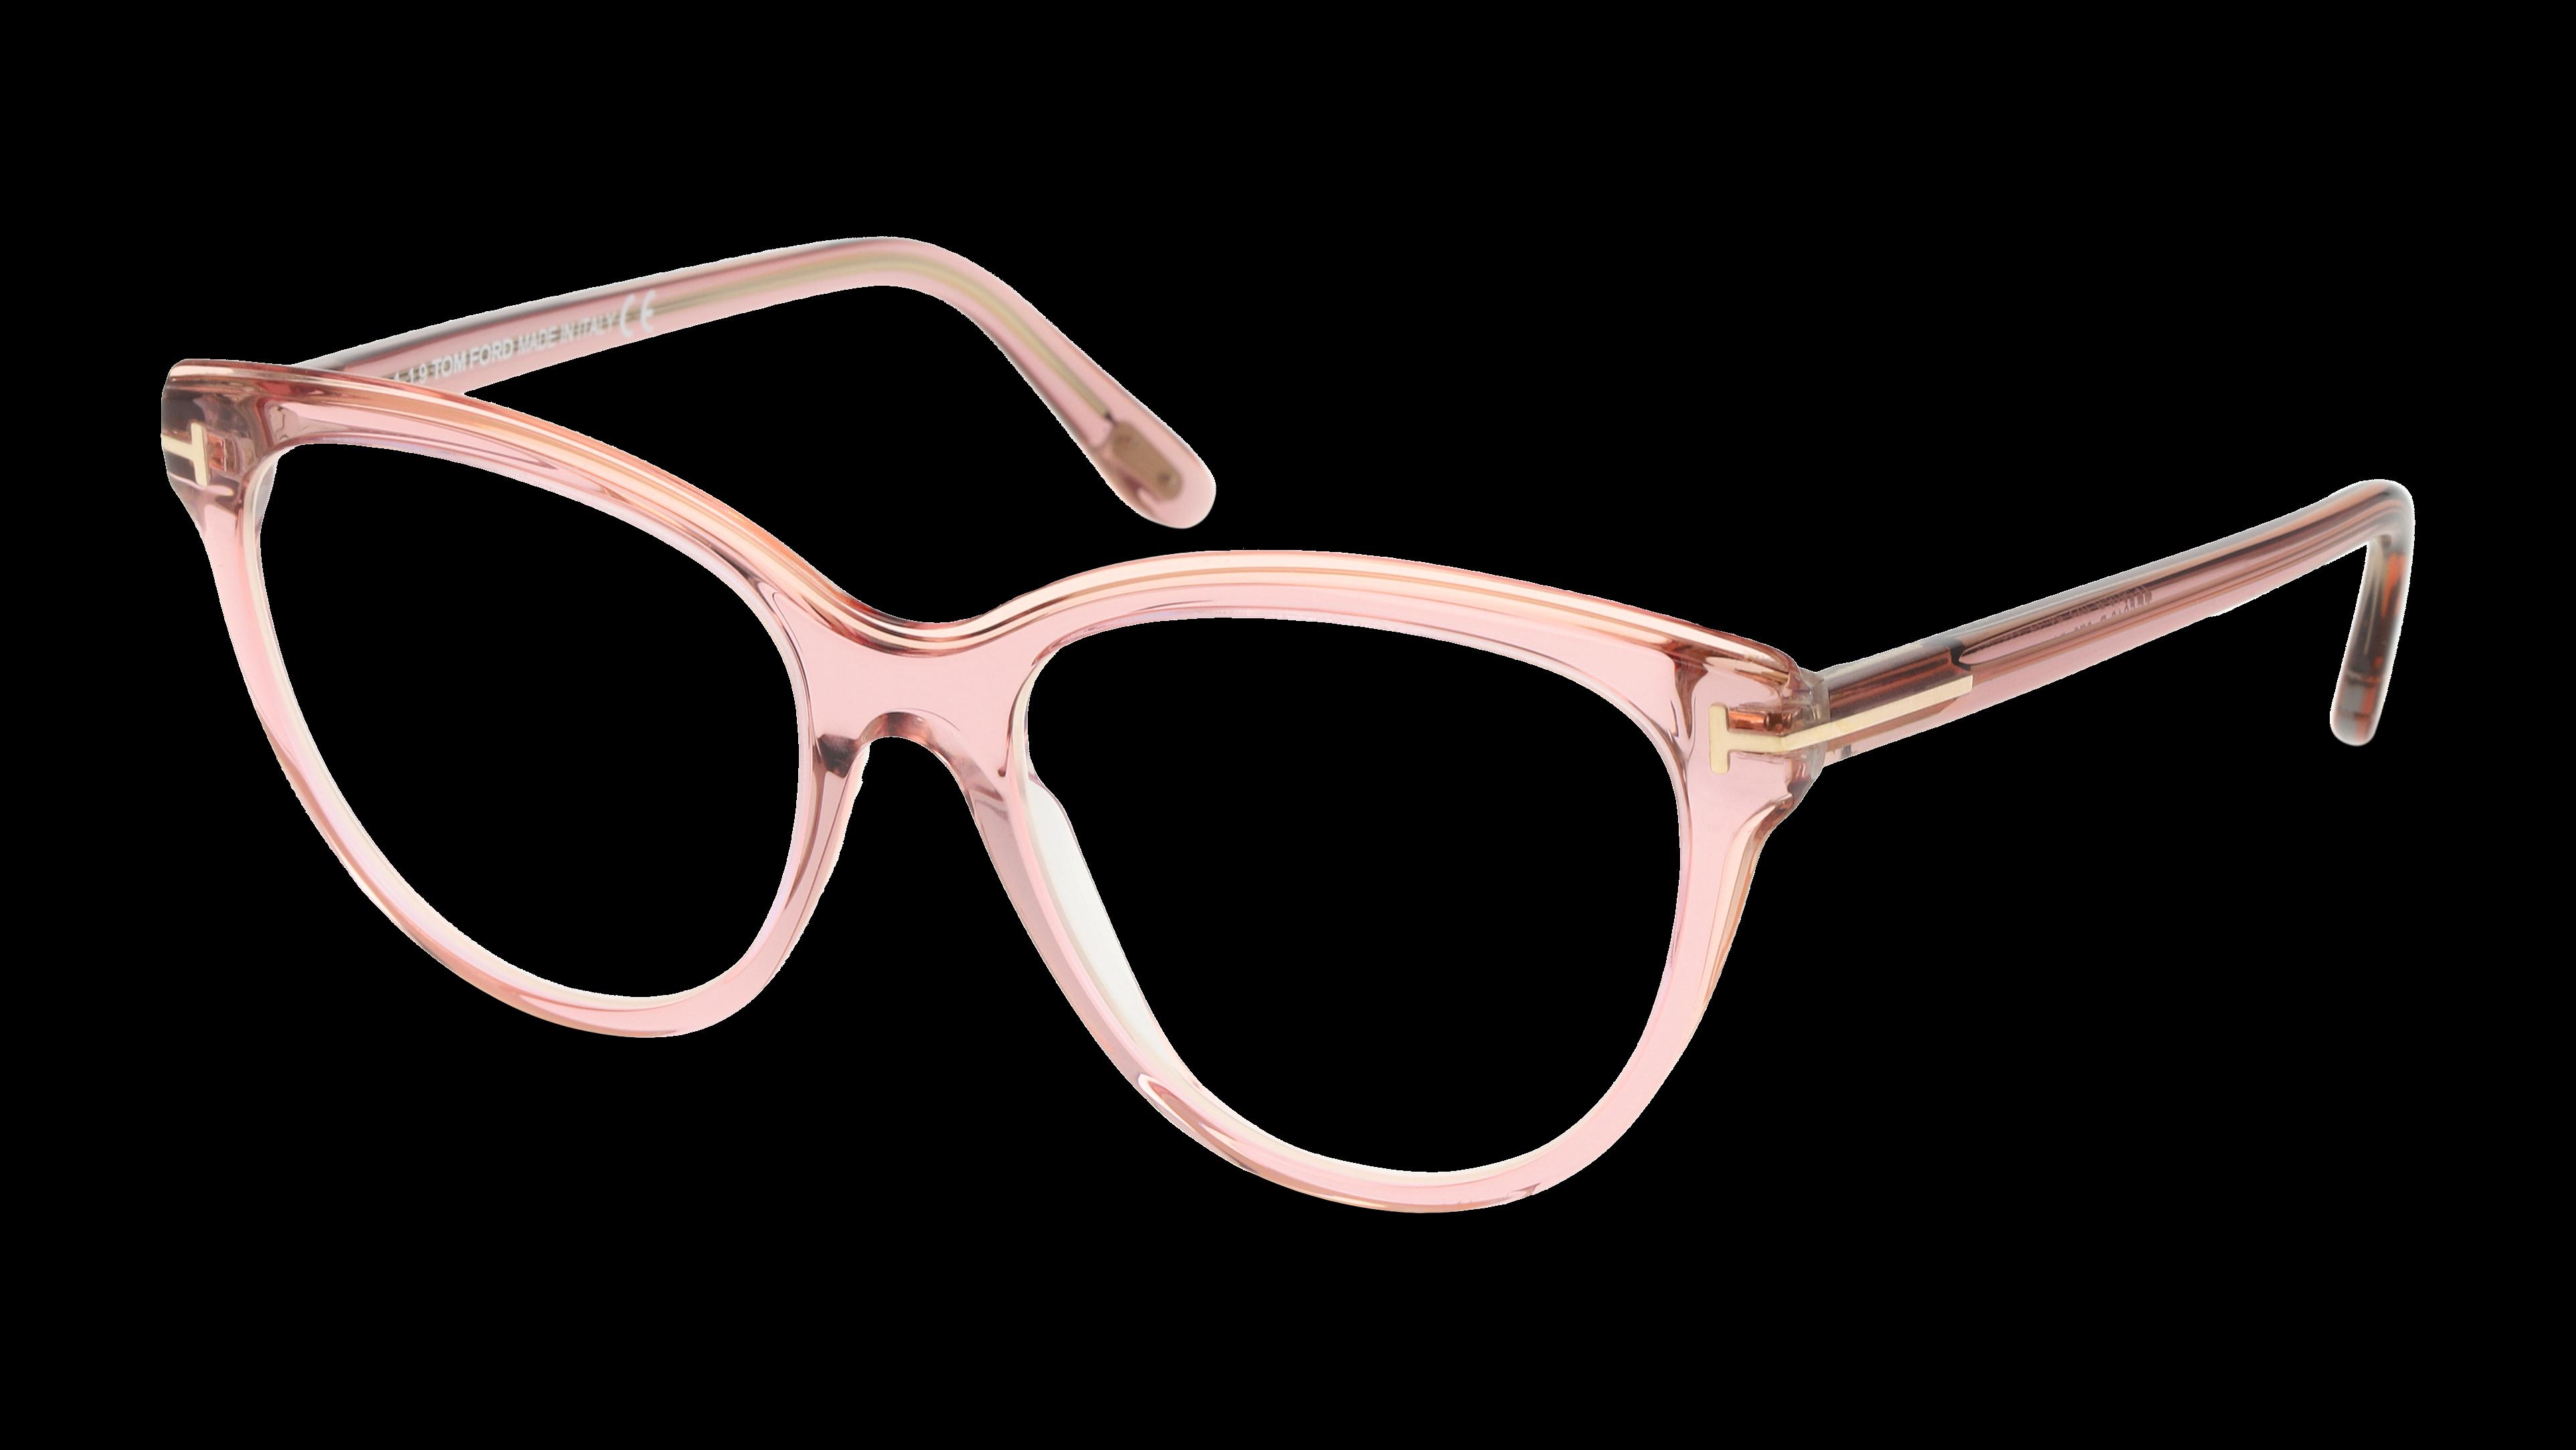 Angle_Left01 Tom Ford TF5618-B/072/5417/140 Pink